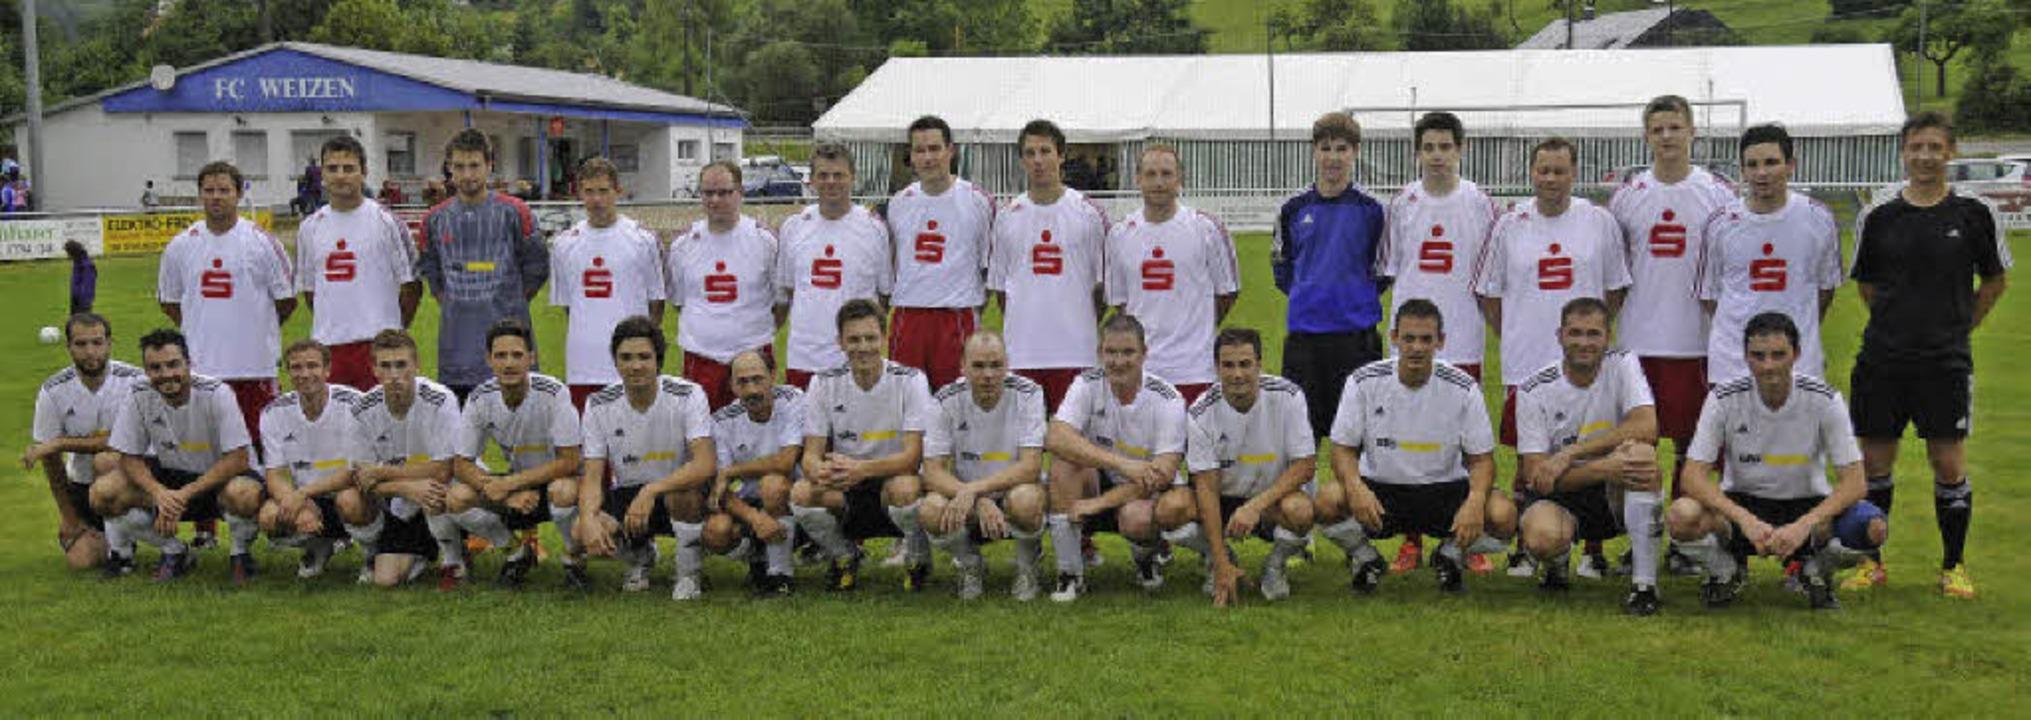 Der Mannschaft der Sparkasse Bonndorf-...f die faire Partie am Ende mit 6:2 ab.  | Foto: Dietmar Noeske